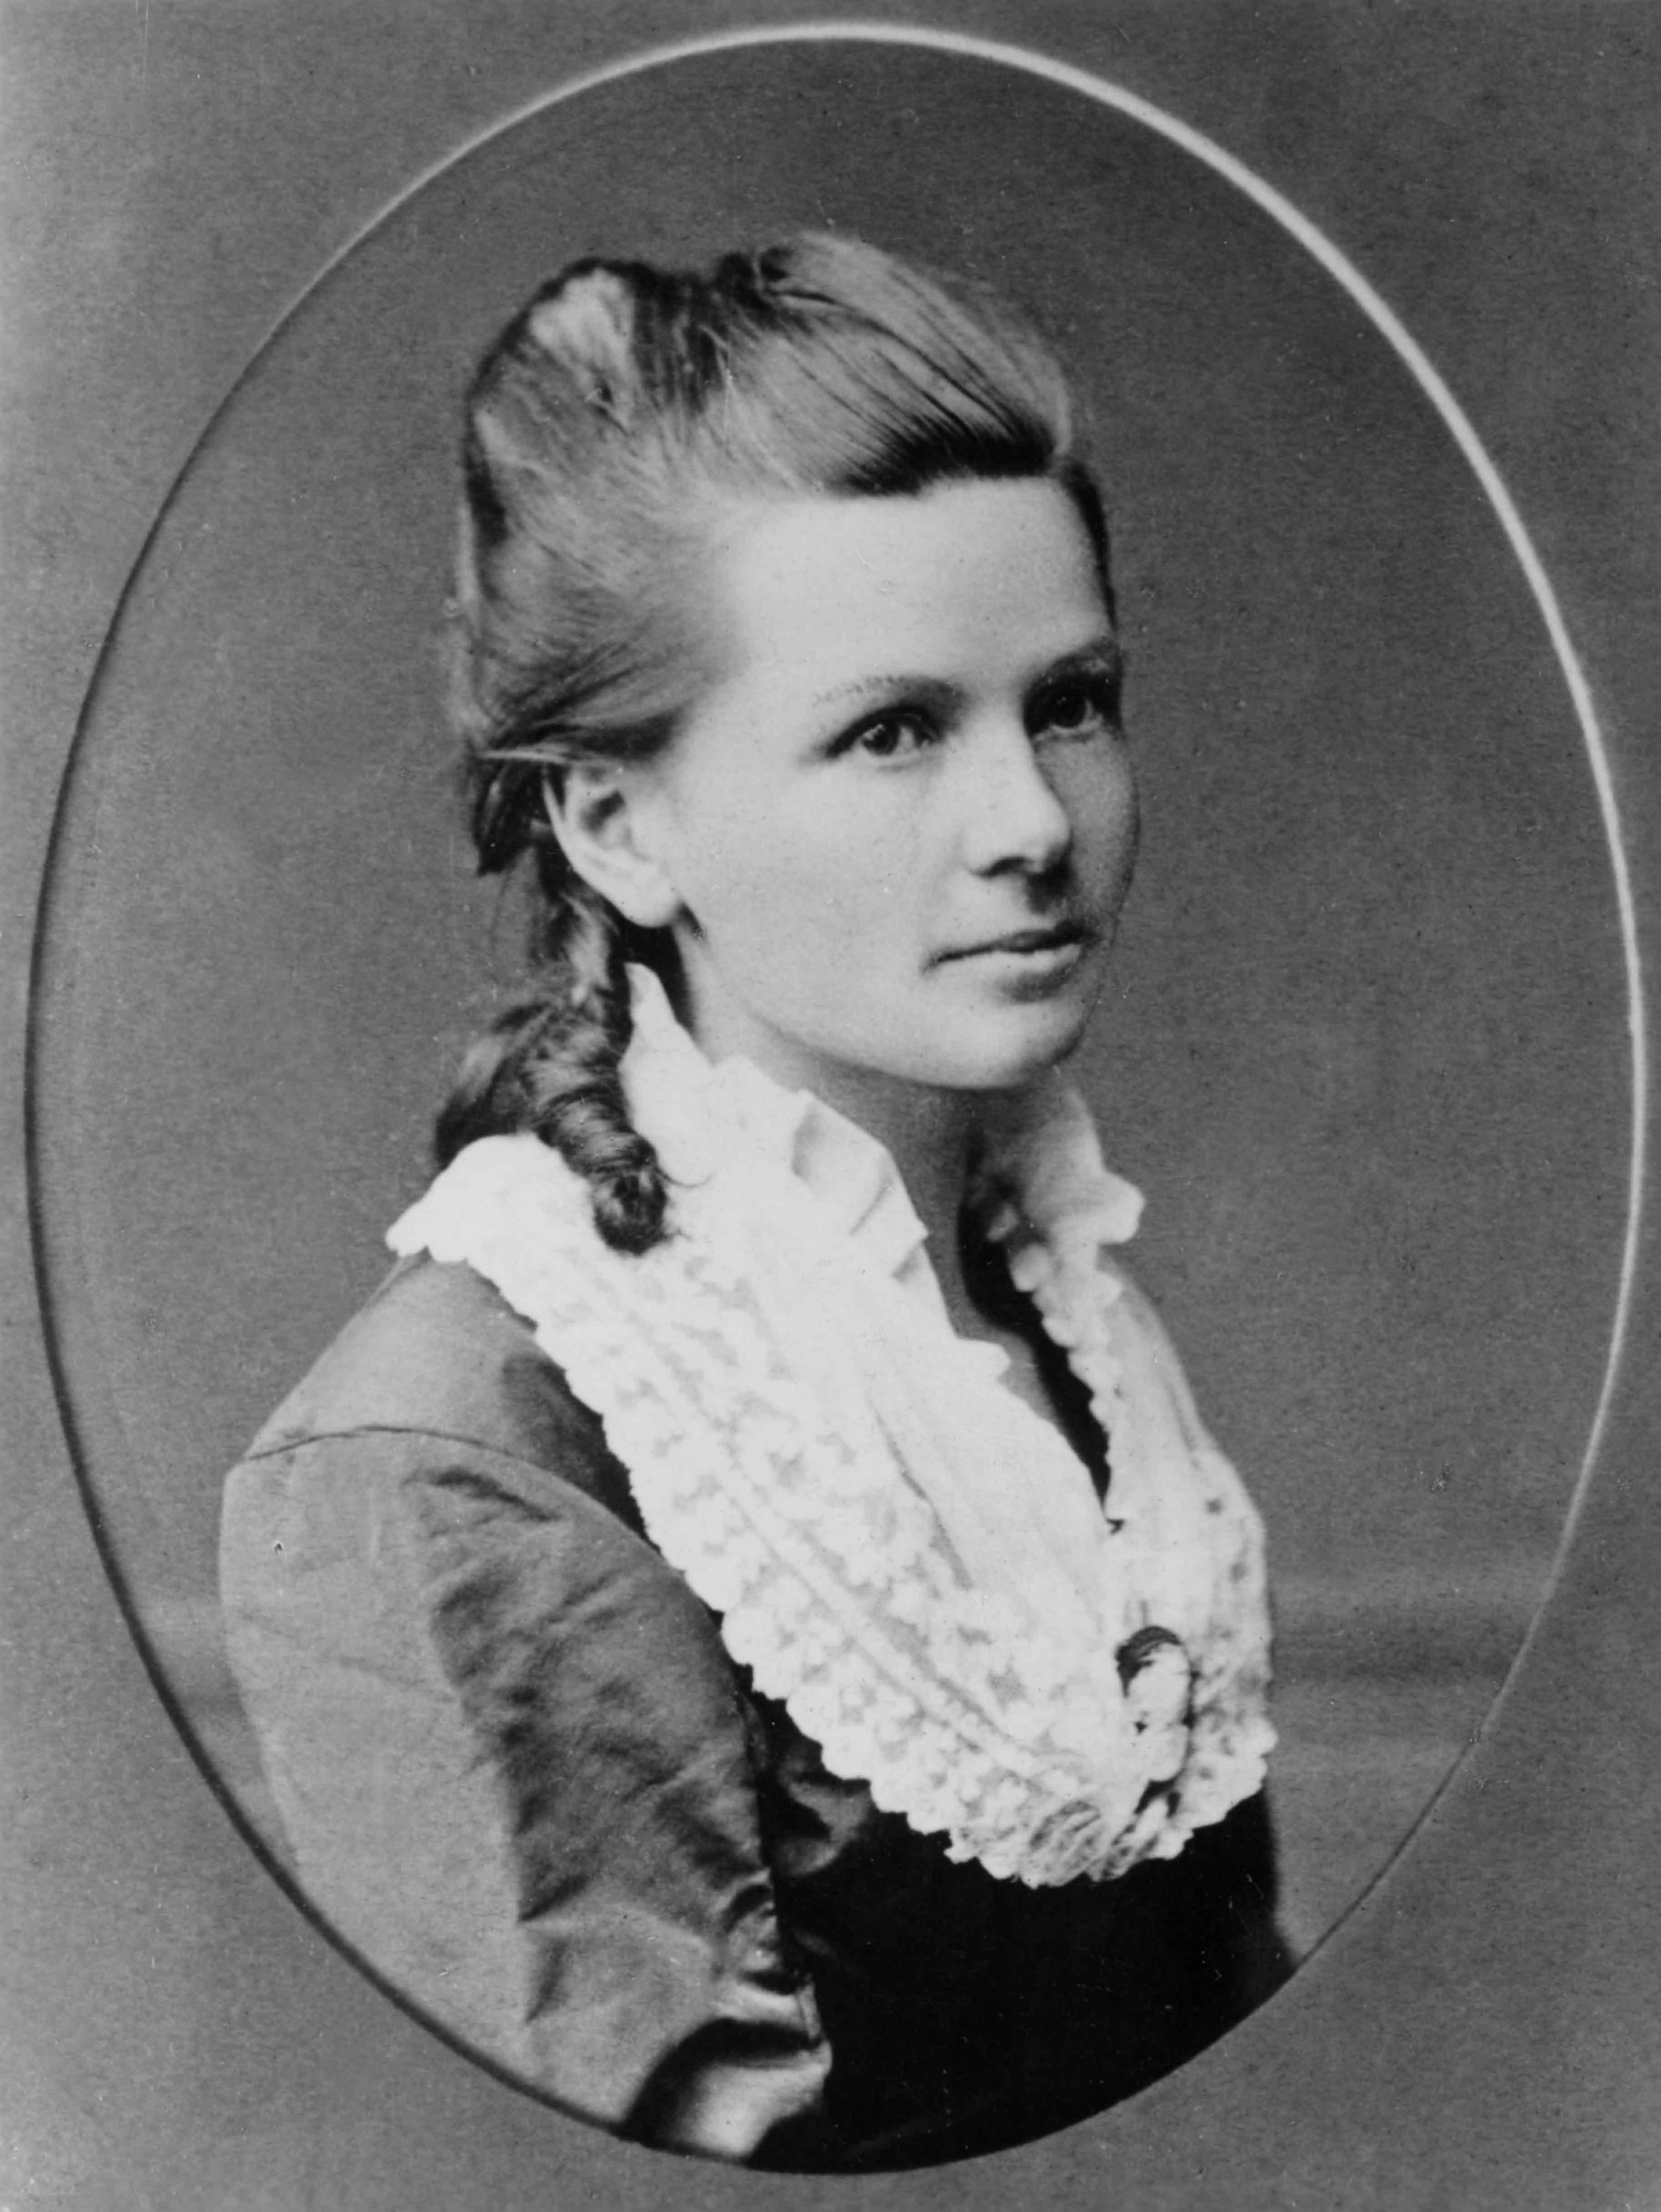 Cette photographie en noir et blanc est  un portrait de Bertha Benz dans un cadre ovale. La jeune fille porte une veste sombre avec un large col blanc de dentelle ; ses cheveux sont coiffés en mèches anglaises.